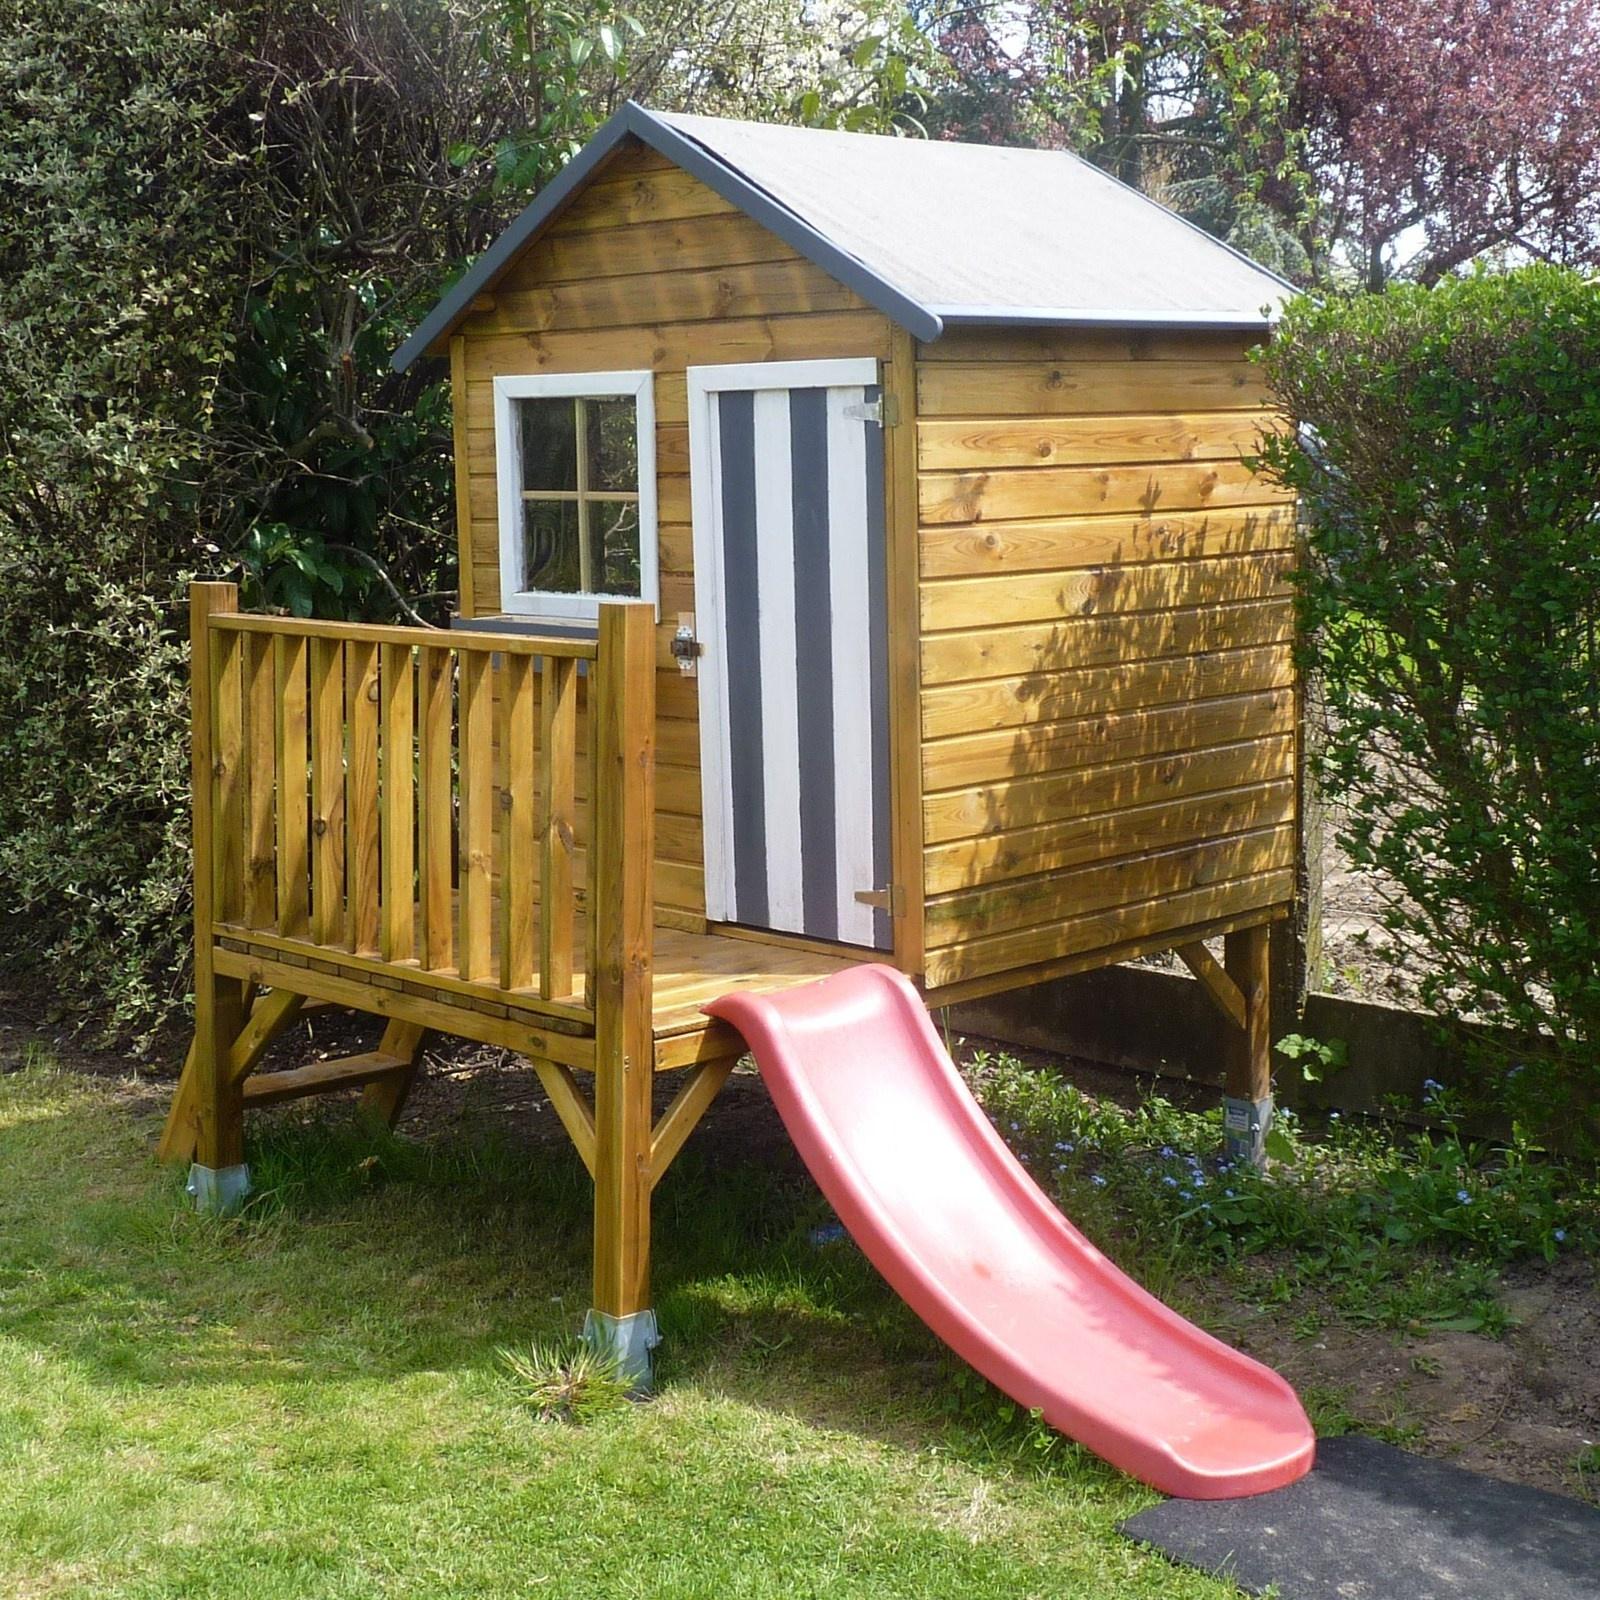 Cabane En Bois Pour Enfant Sur Pilotis Peinte En Gris Taupe ... destiné Maison De Jardin Pour Enfant